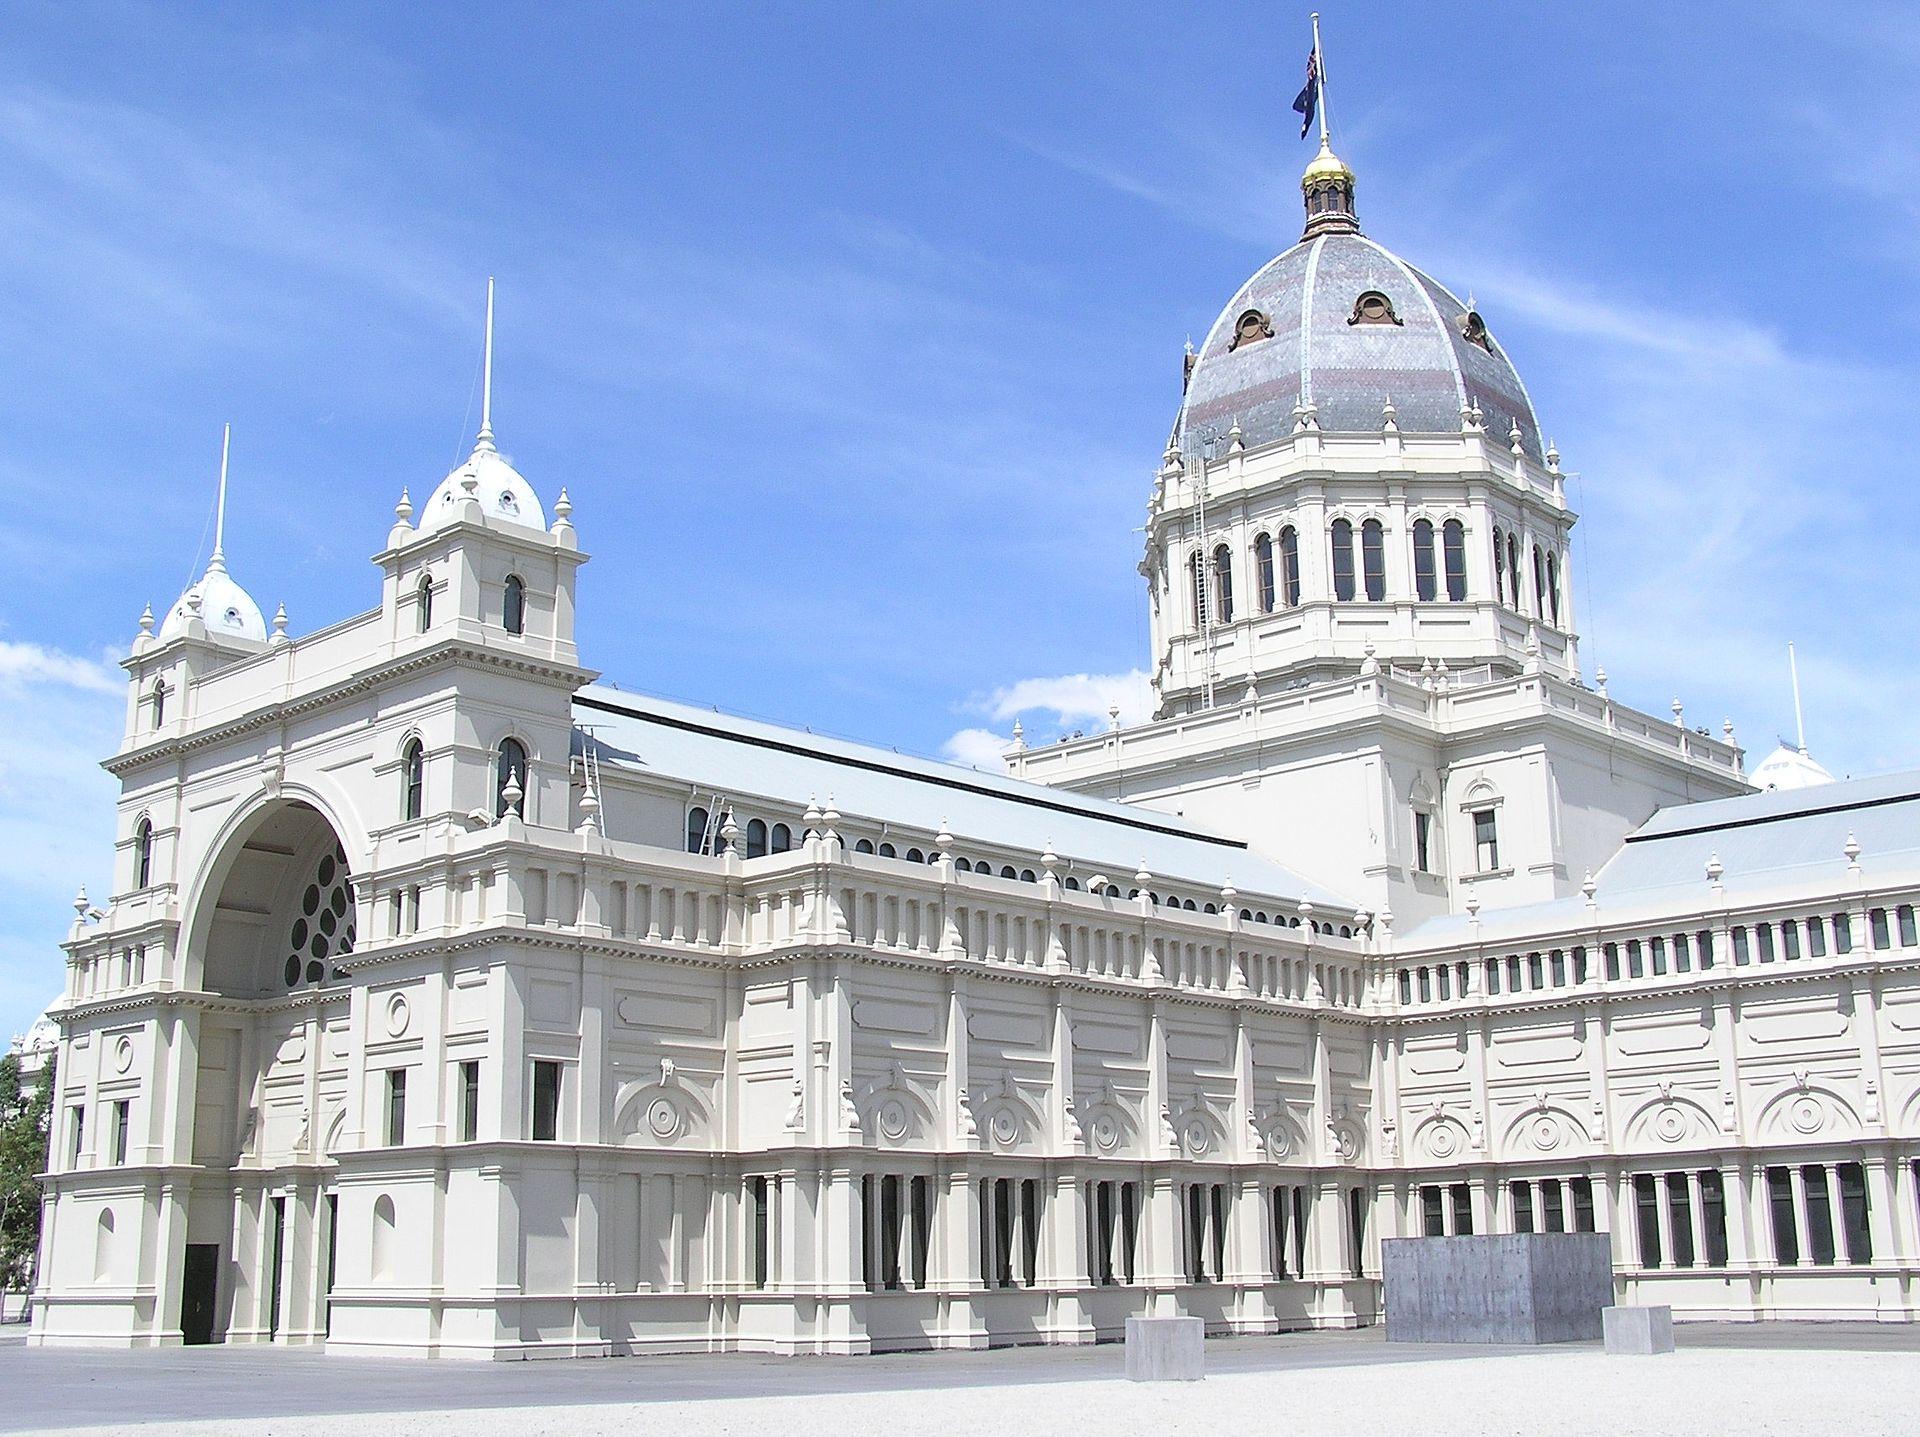 D Exhibition Melbourne : Palais royal des expositions — wikipédia